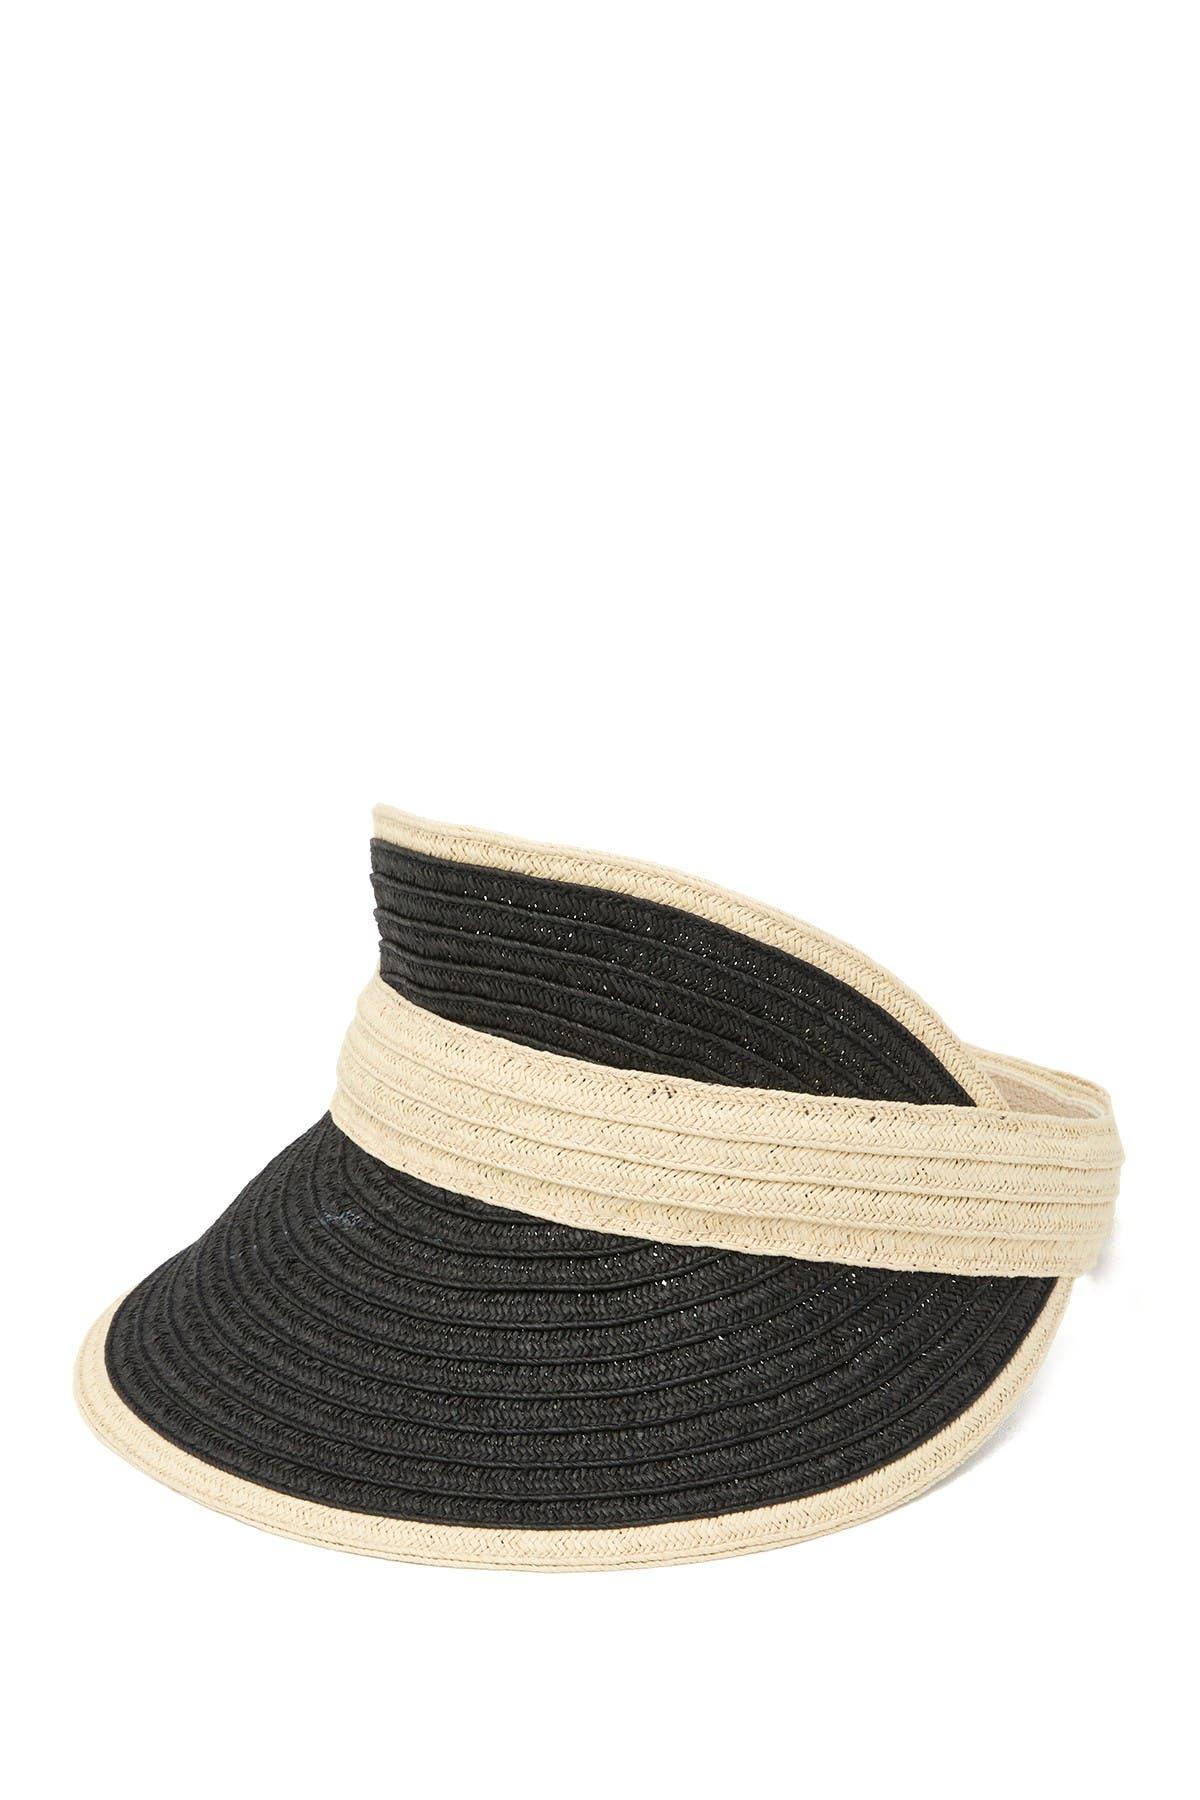 Image of SAN DIEGO HAT Tall Adjustable Visor